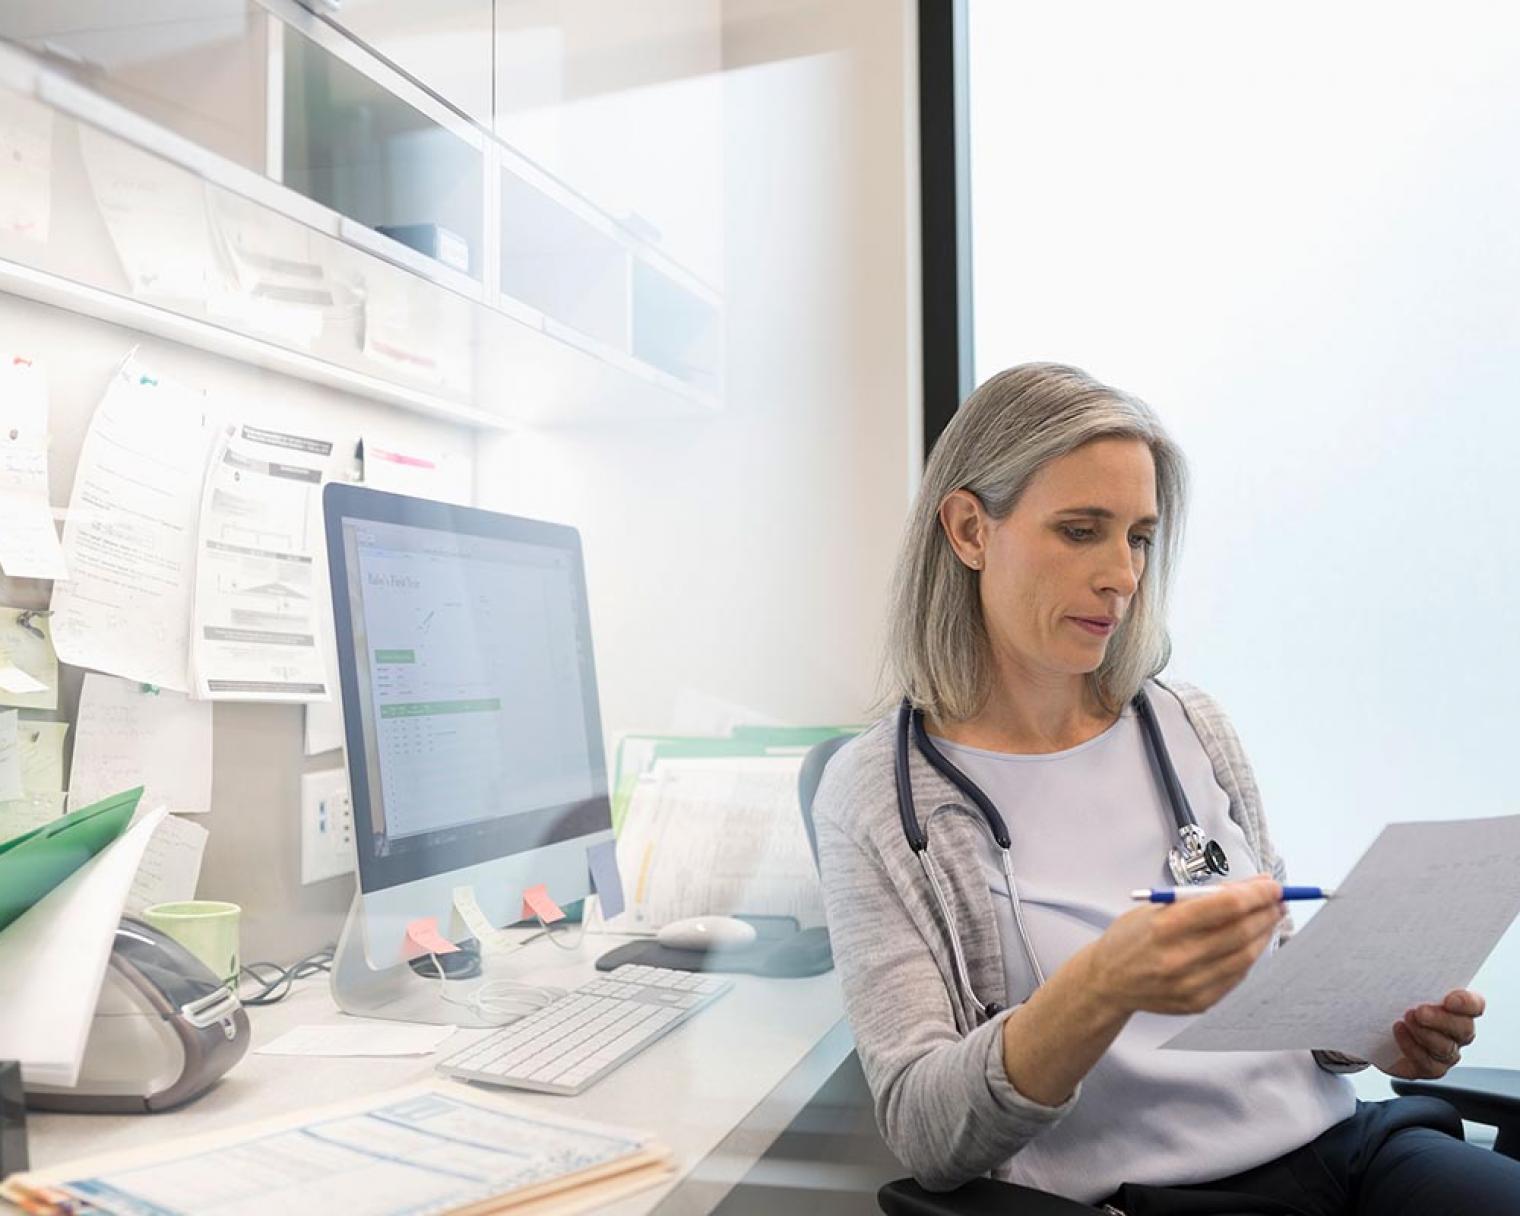 Woman checking medical charts